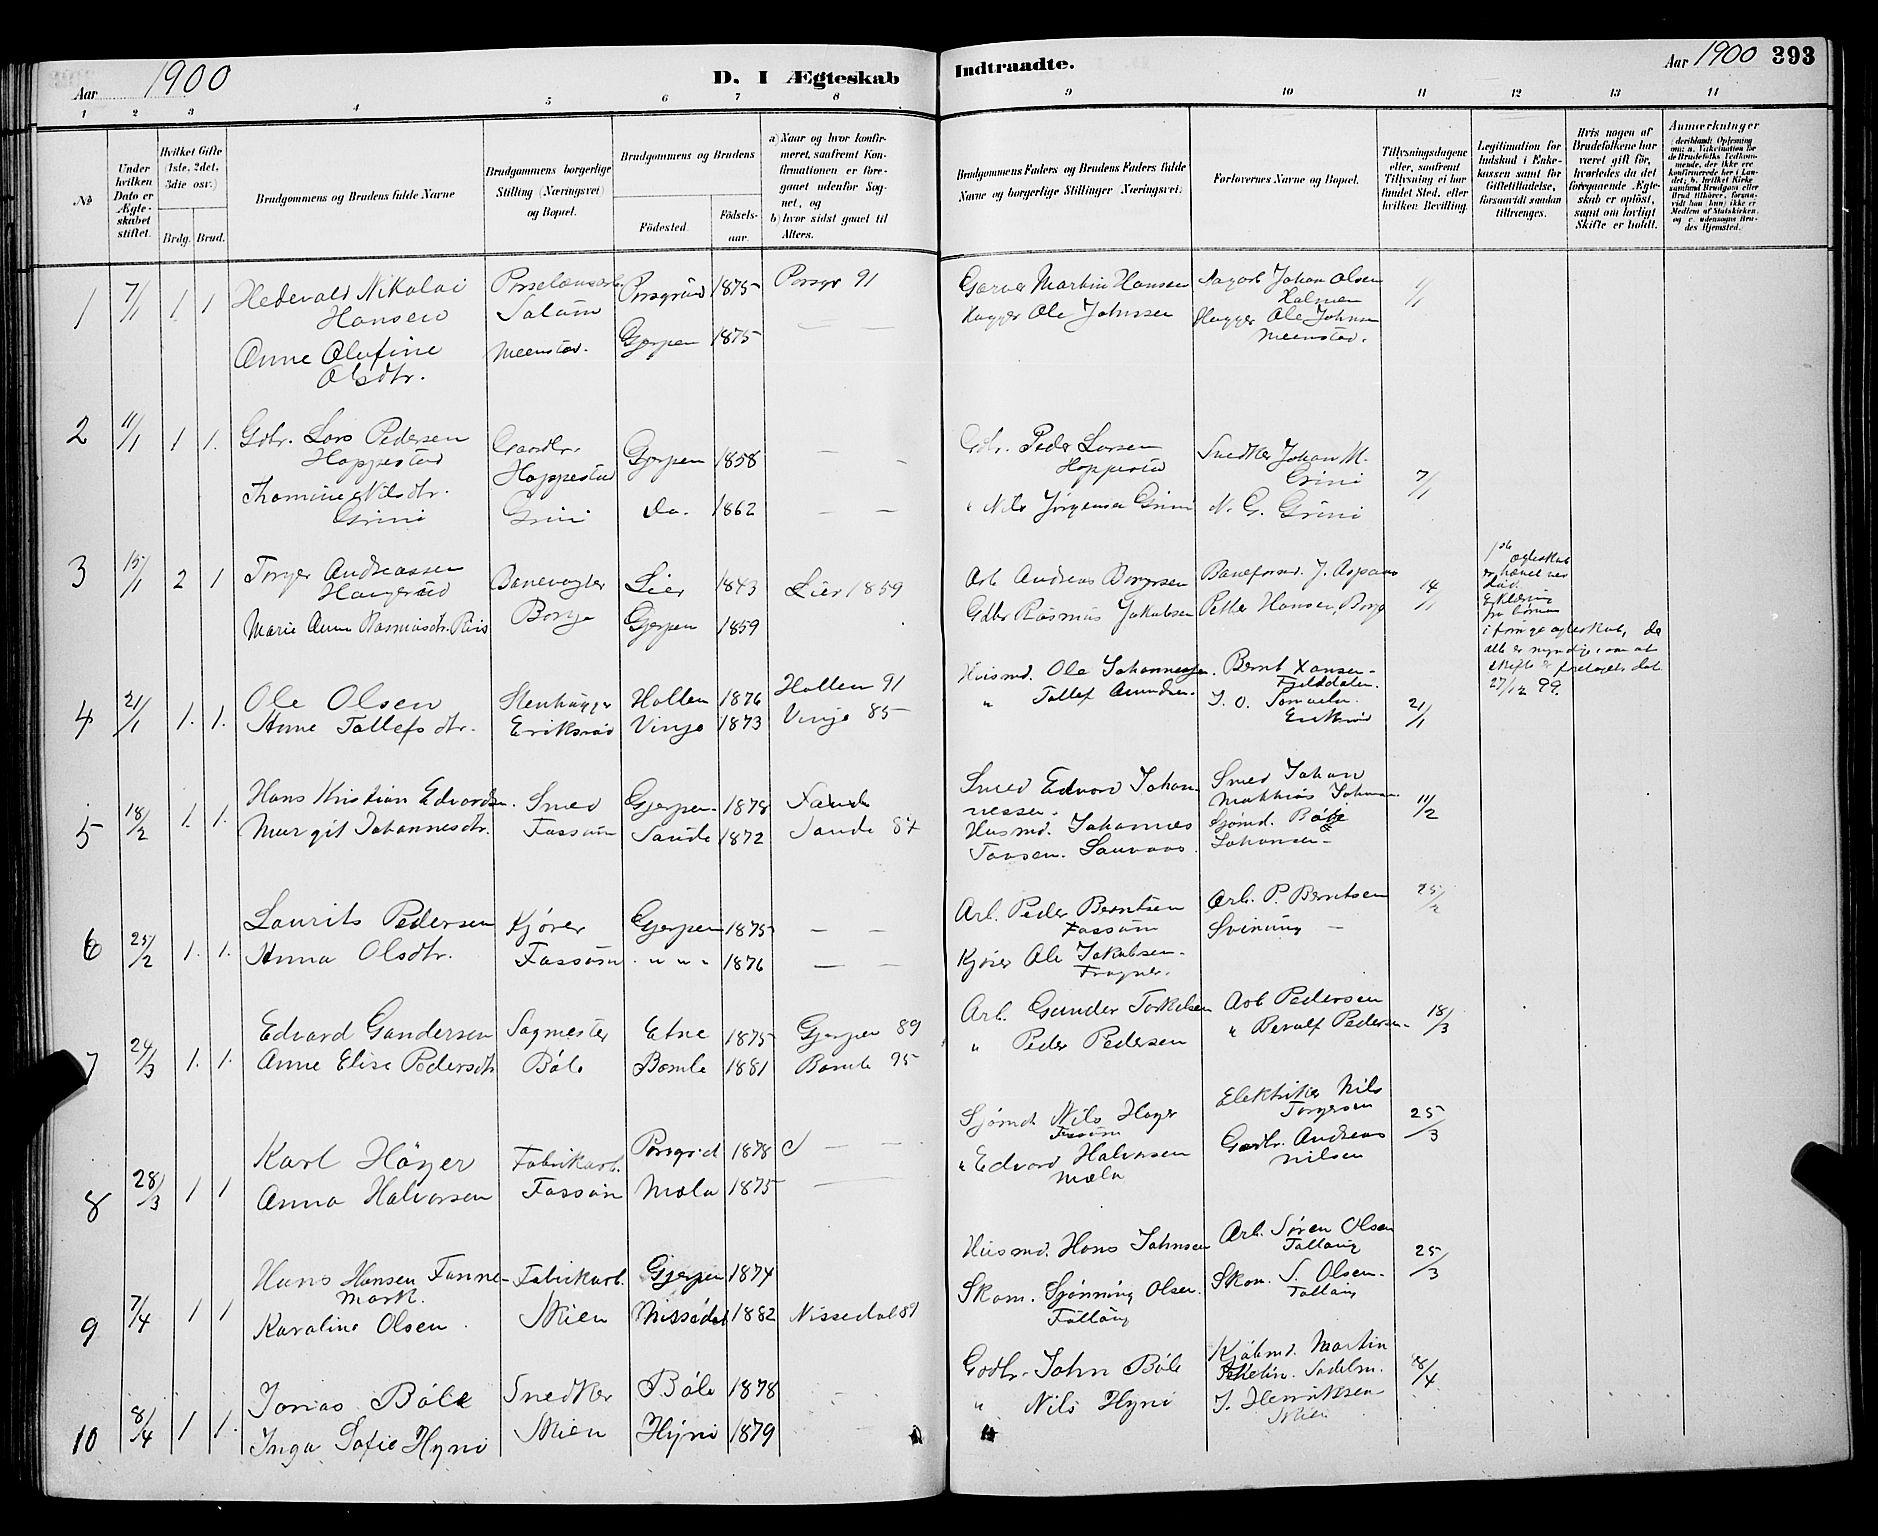 SAKO, Gjerpen kirkebøker, G/Ga/L0002: Klokkerbok nr. I 2, 1883-1900, s. 393